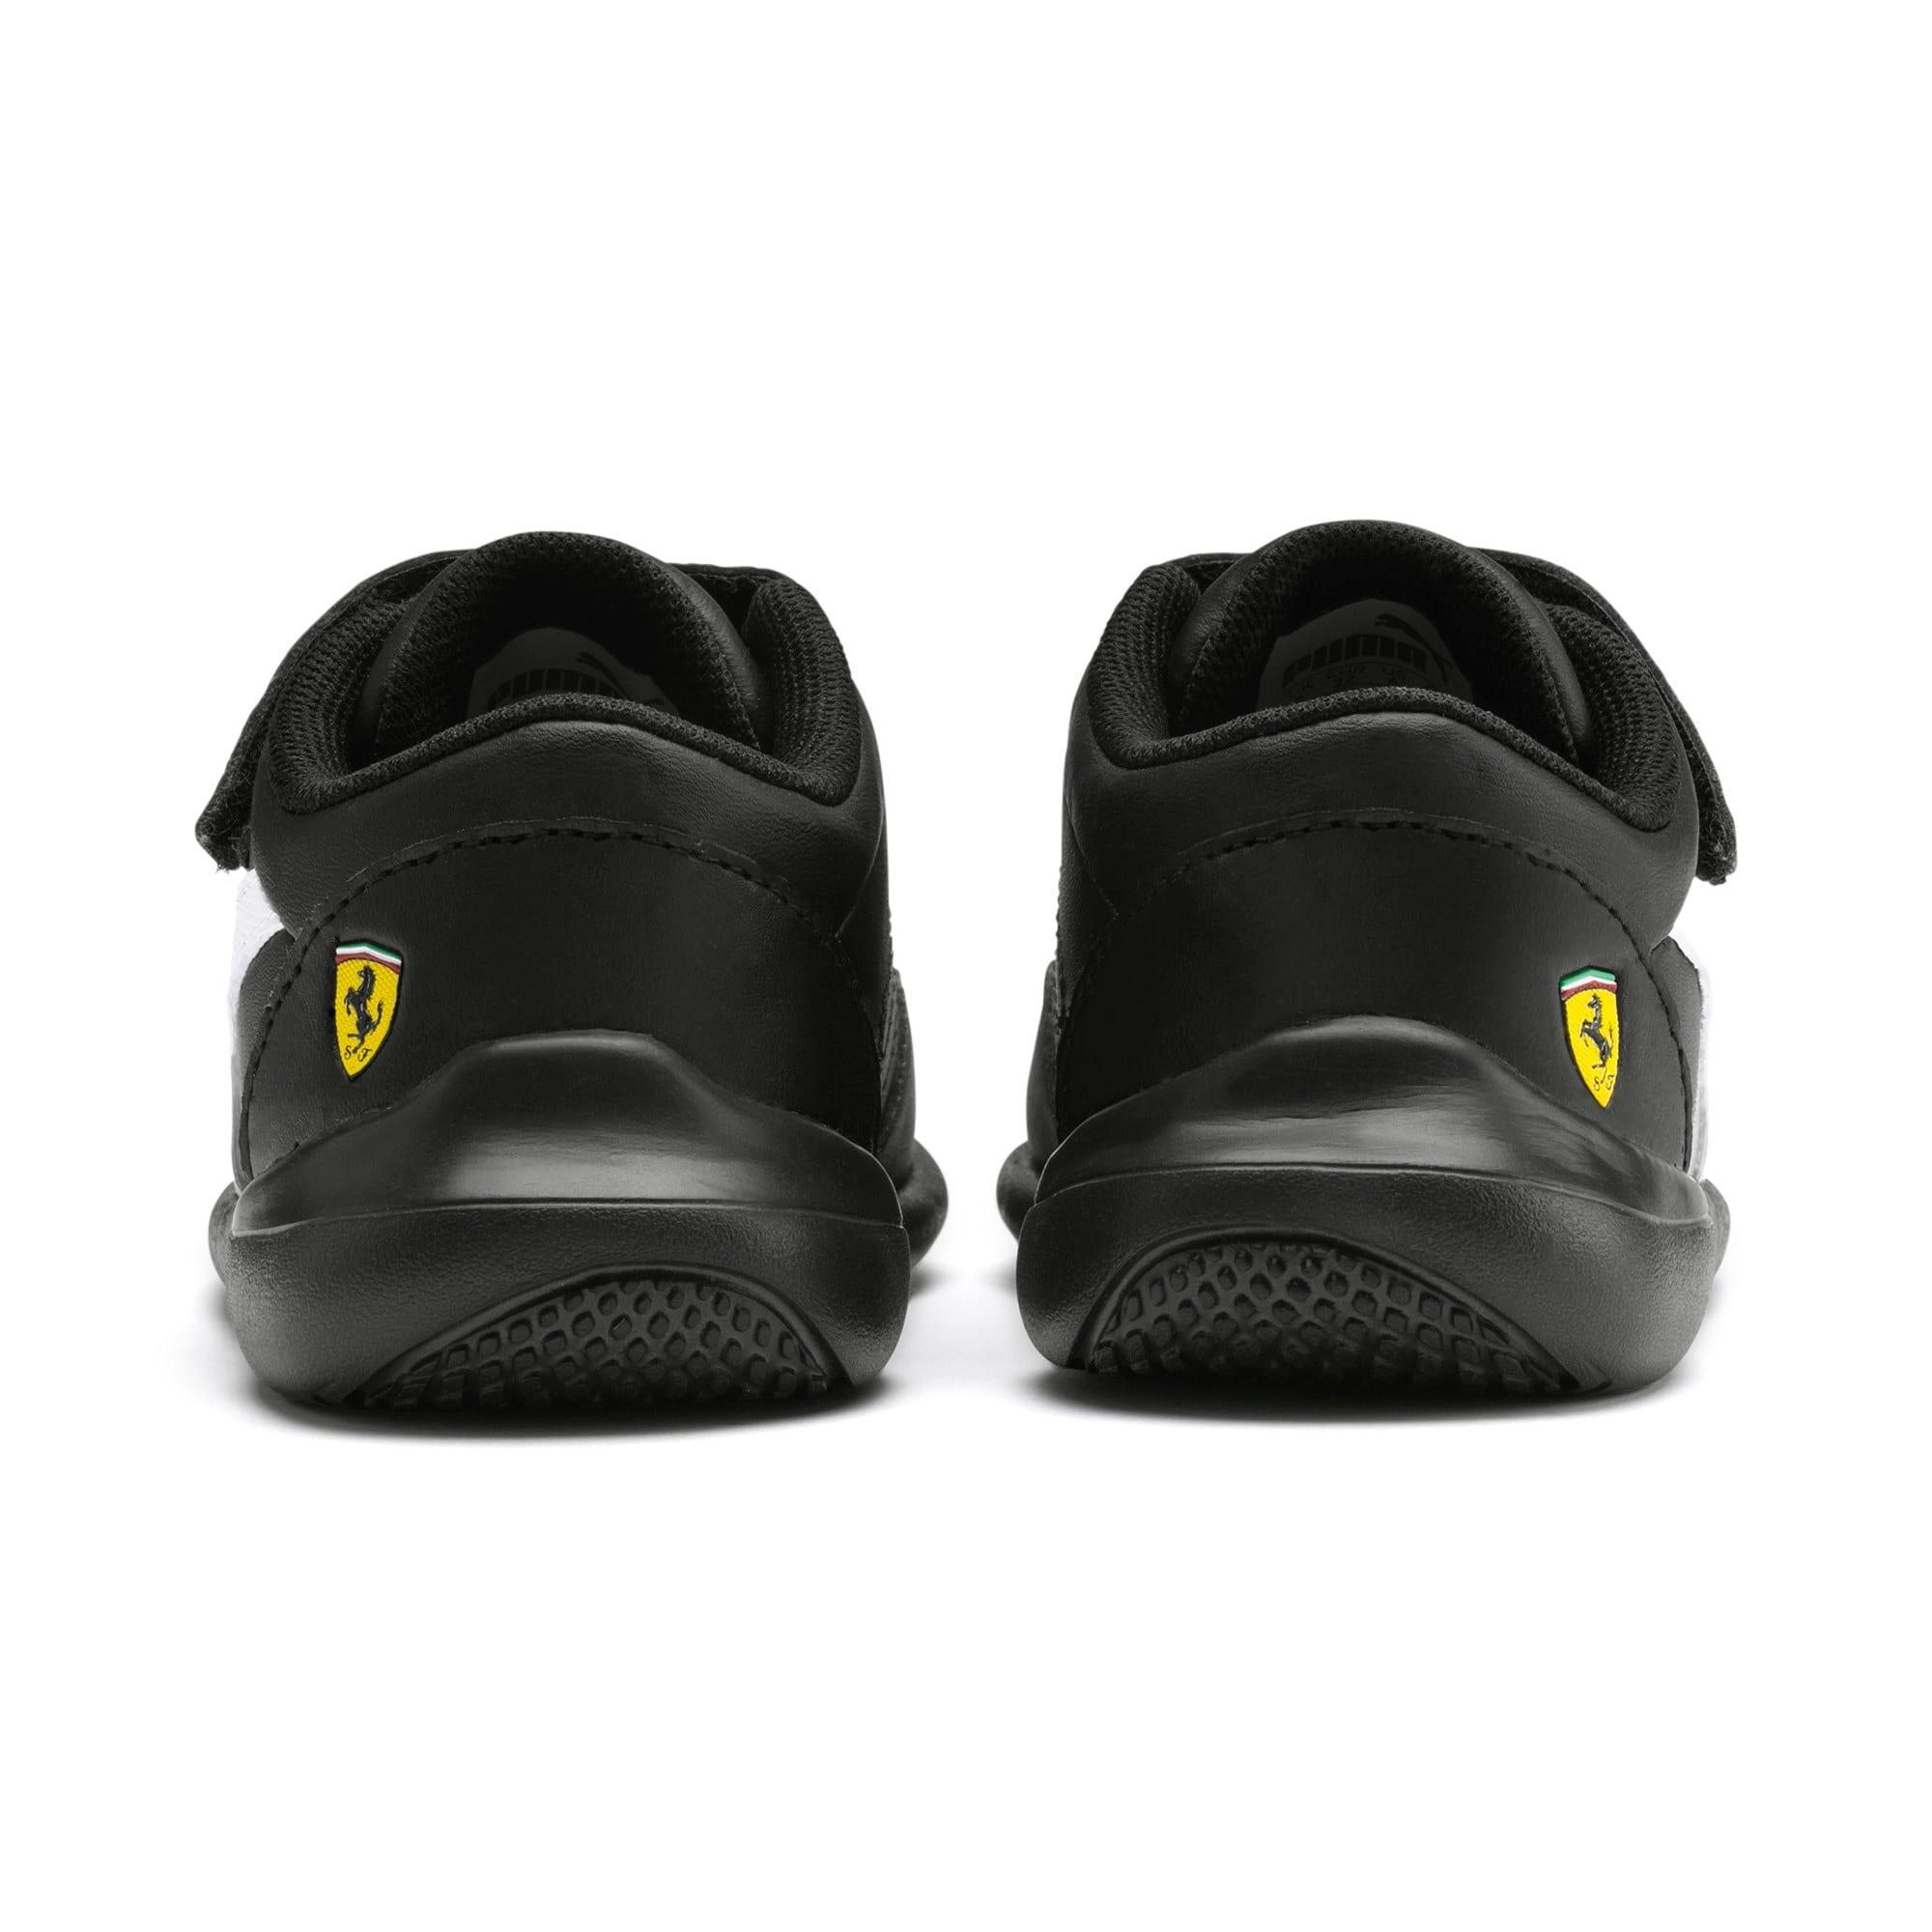 Miniatura 3 de Zapatos Scuderia Ferrari Kart Cat III para bebés, Black-White-Blazing Yellow, mediano